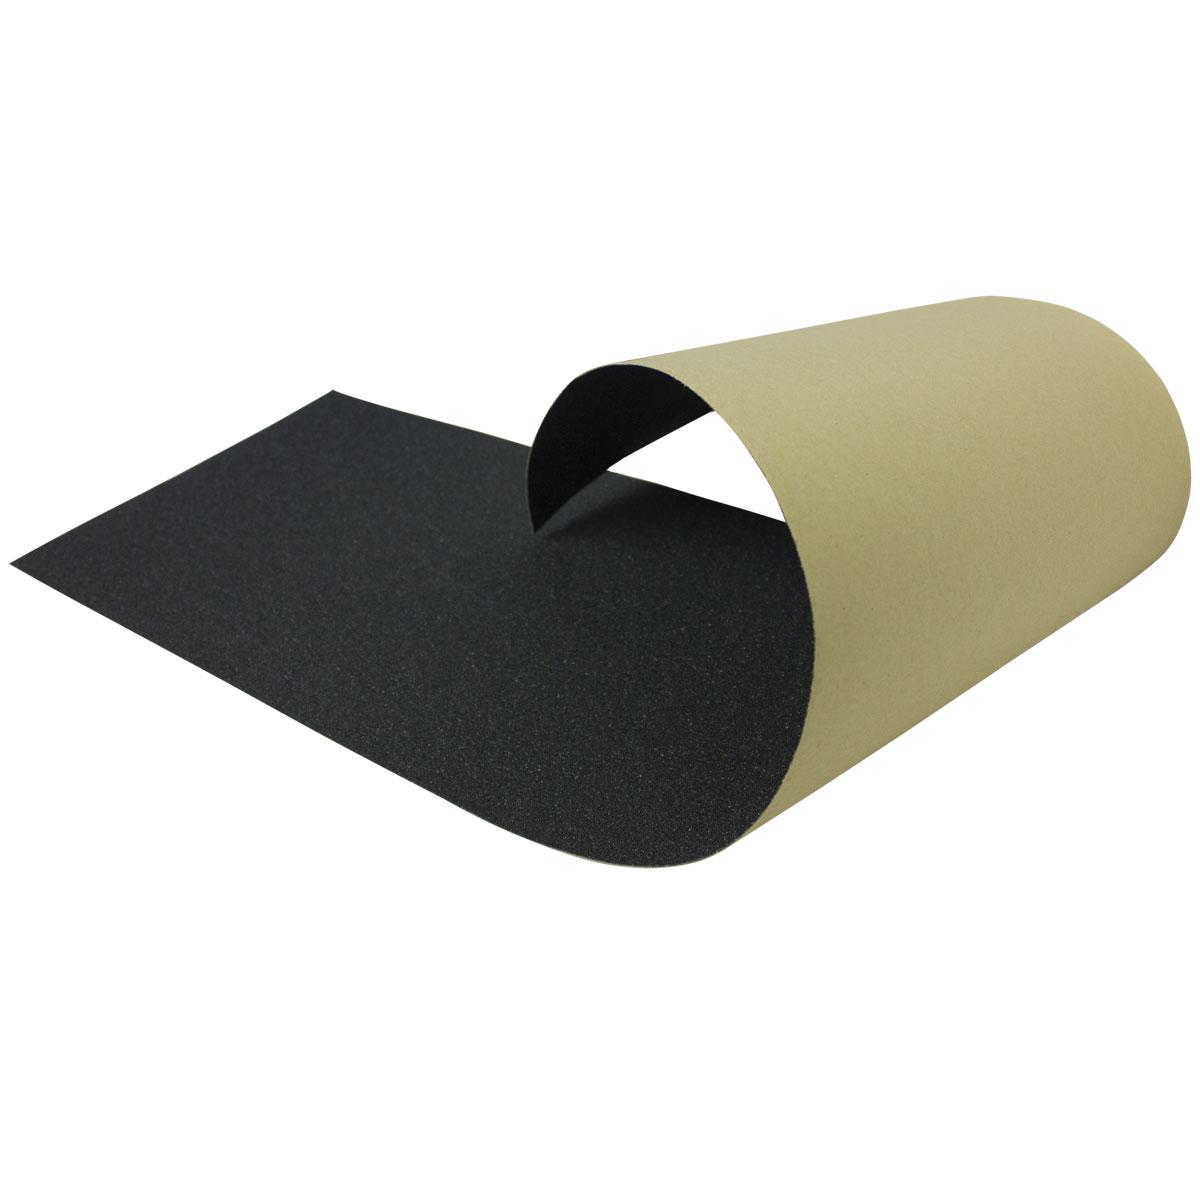 Shape Skate Woodlight 8.5 Lixa Emborrachada Parafuso Base